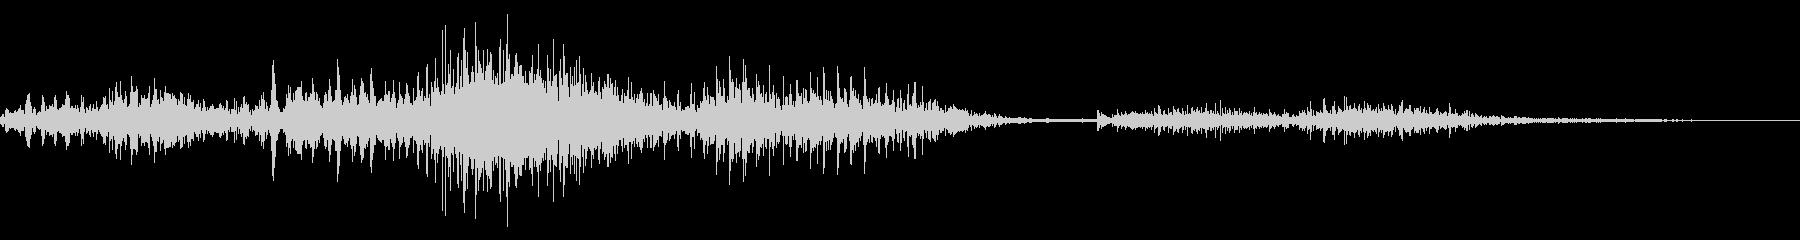 ゾンビやモンスターの唸り声/叫び声20cの未再生の波形